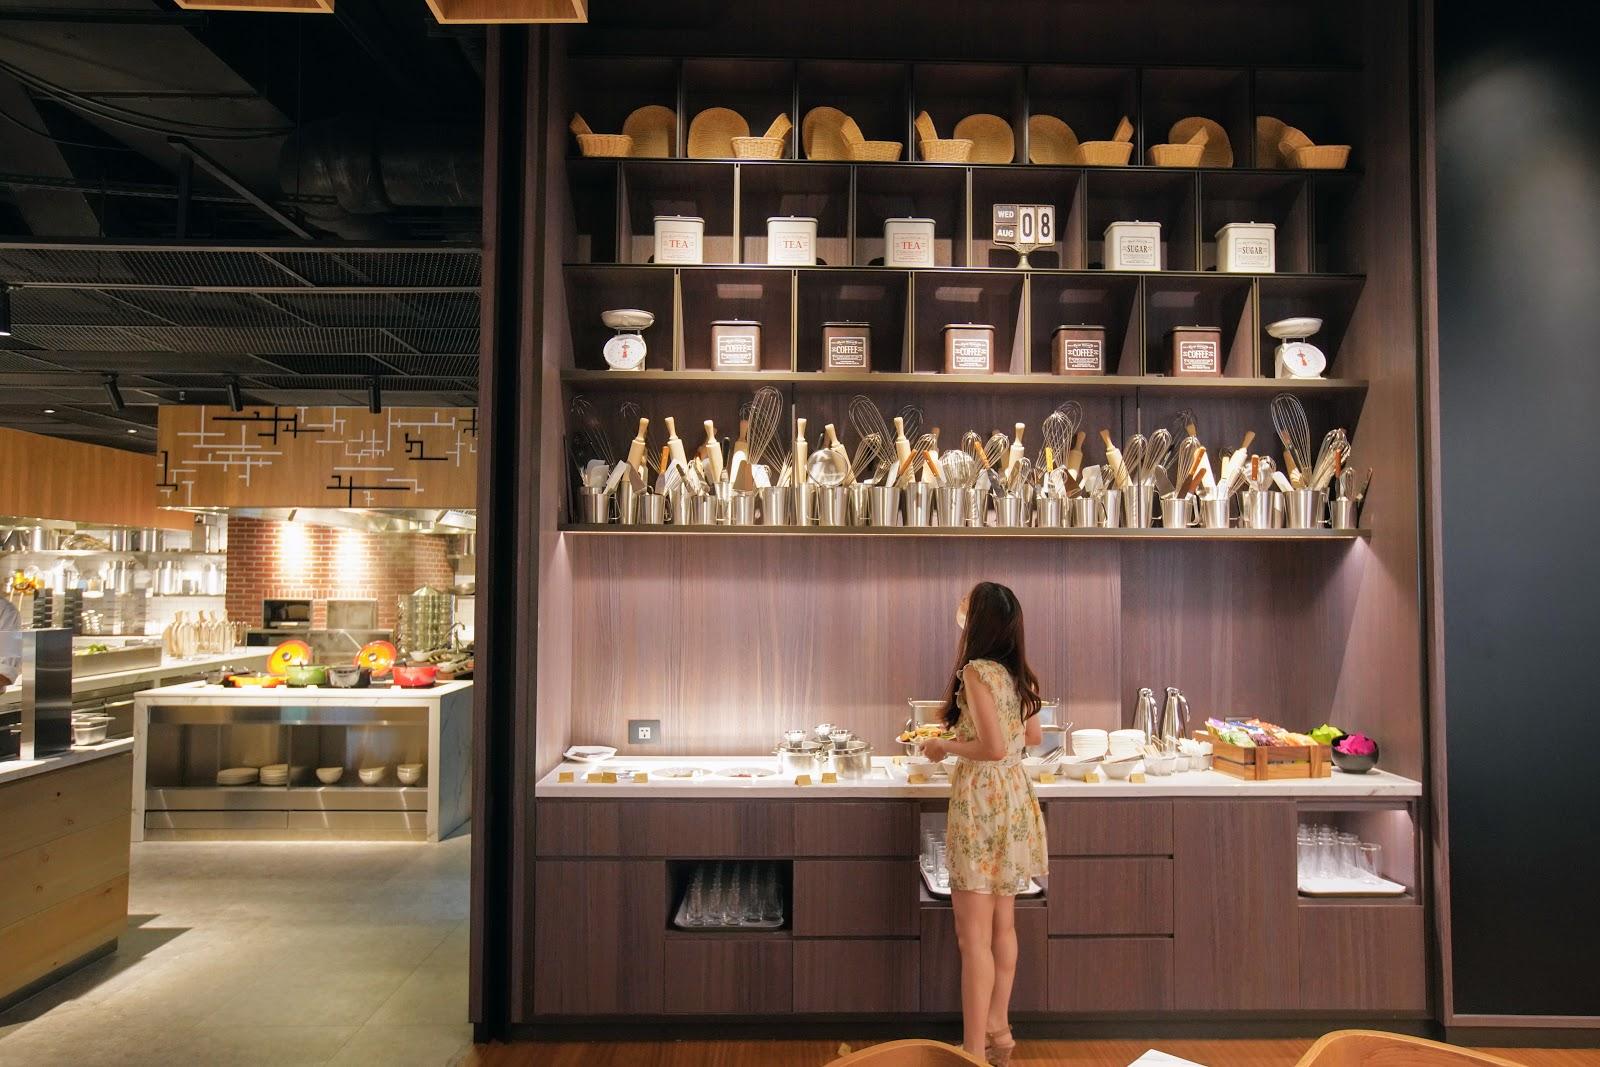 住宿|台北士林萬麗酒店 Renaissance Taipei Shihlin Hotel 早餐 士林廚房